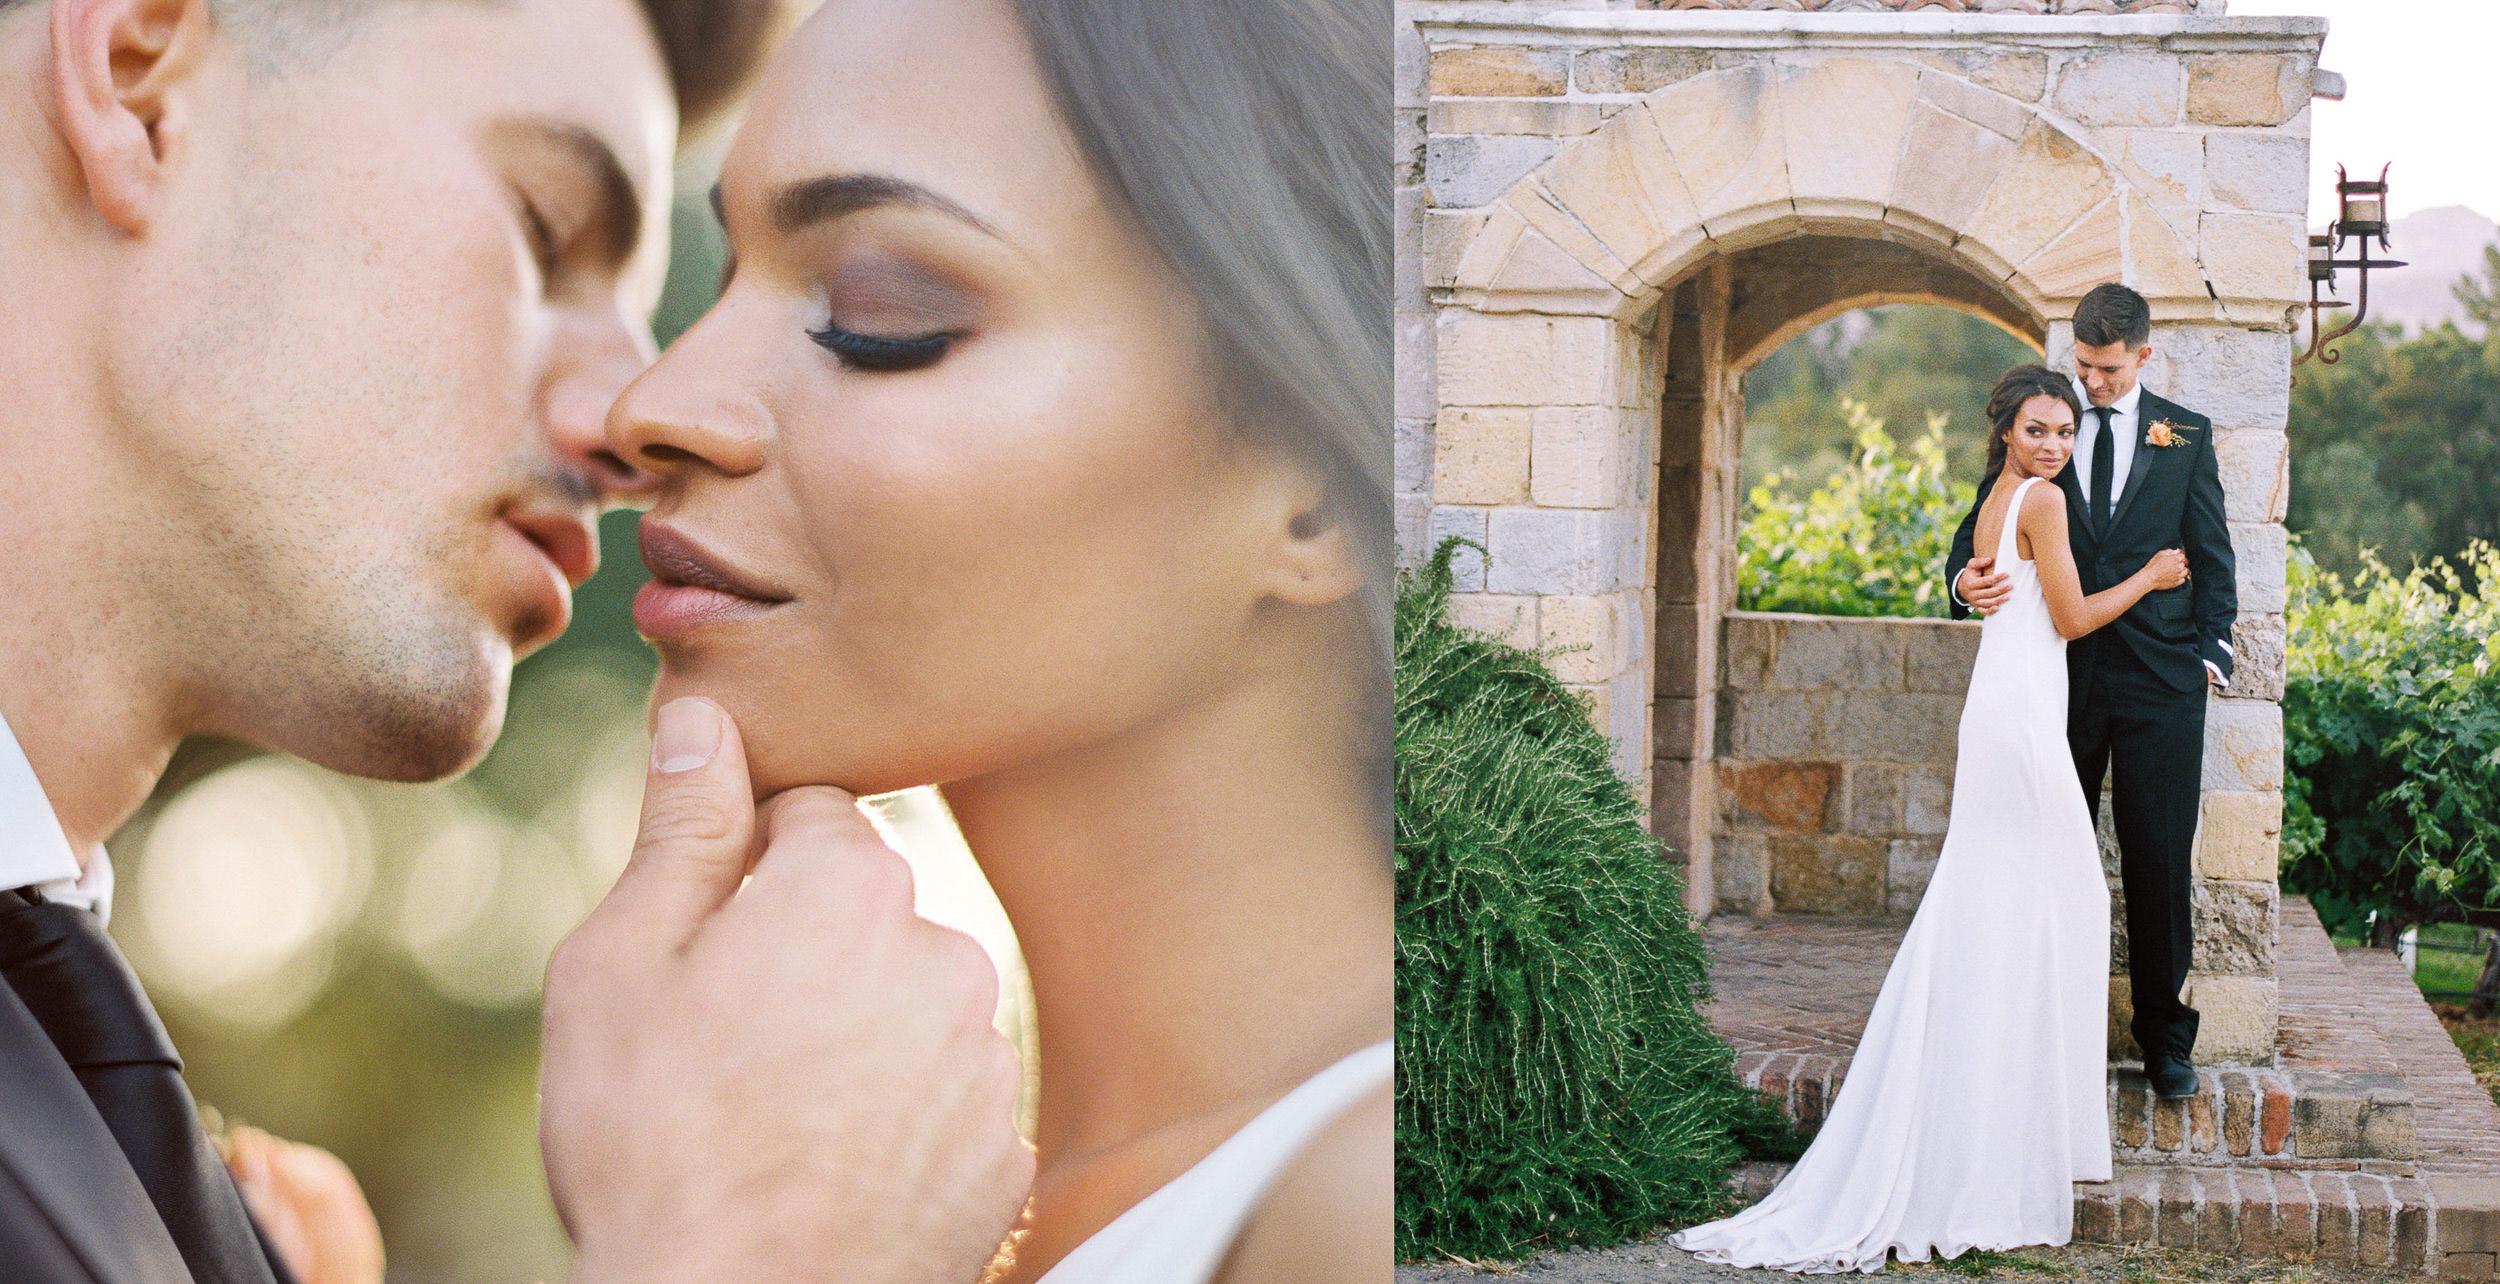 04_destination+worldwide+elopement+wedding+film+photographer+cinematographer_.jpg